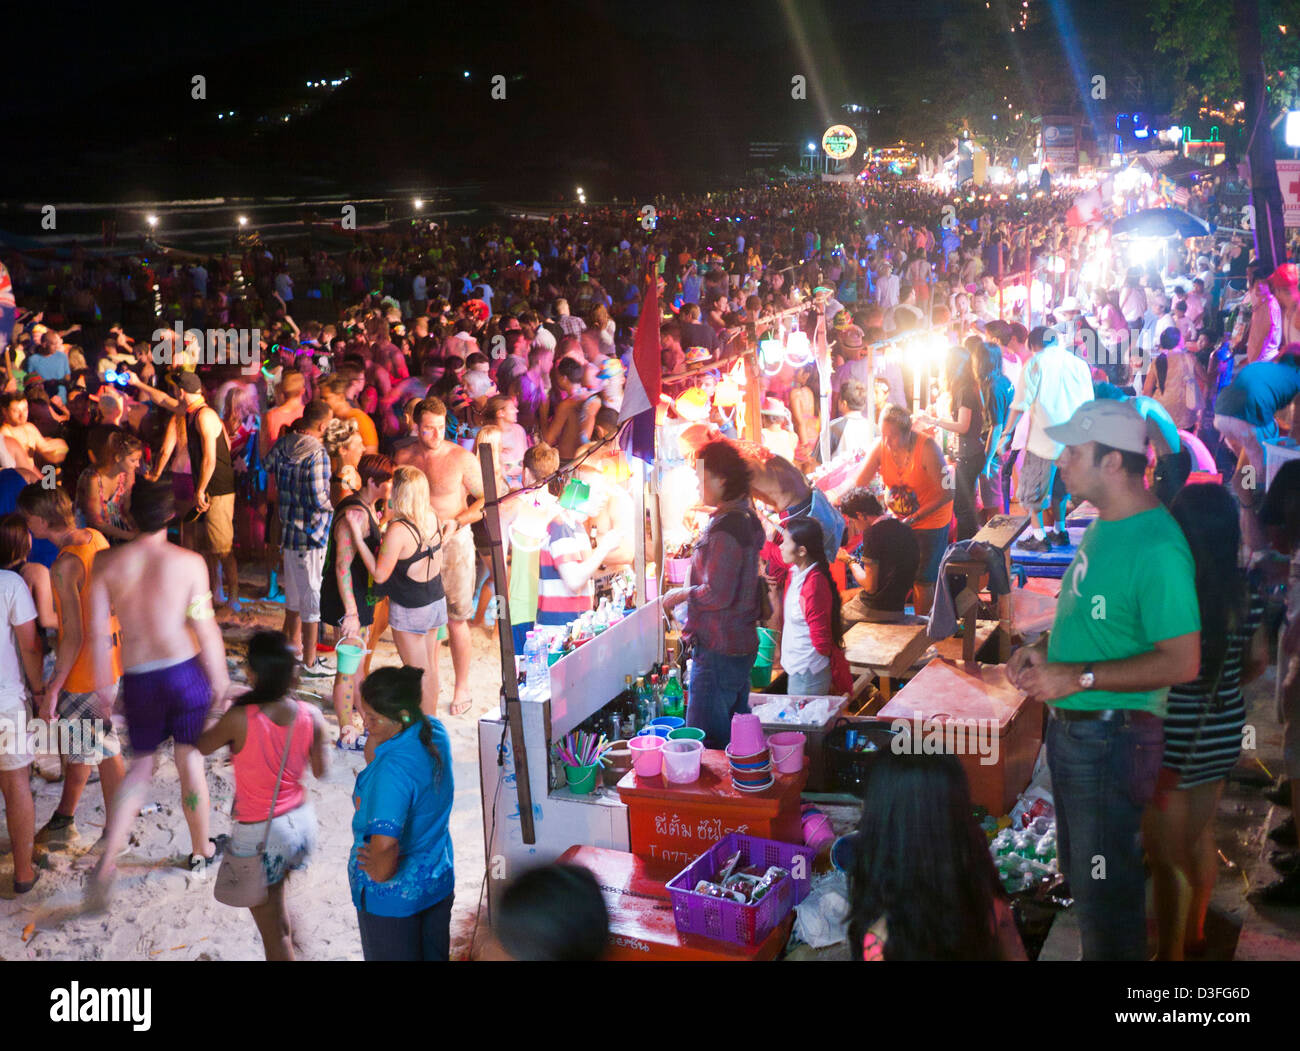 Haad rin beach full moon party